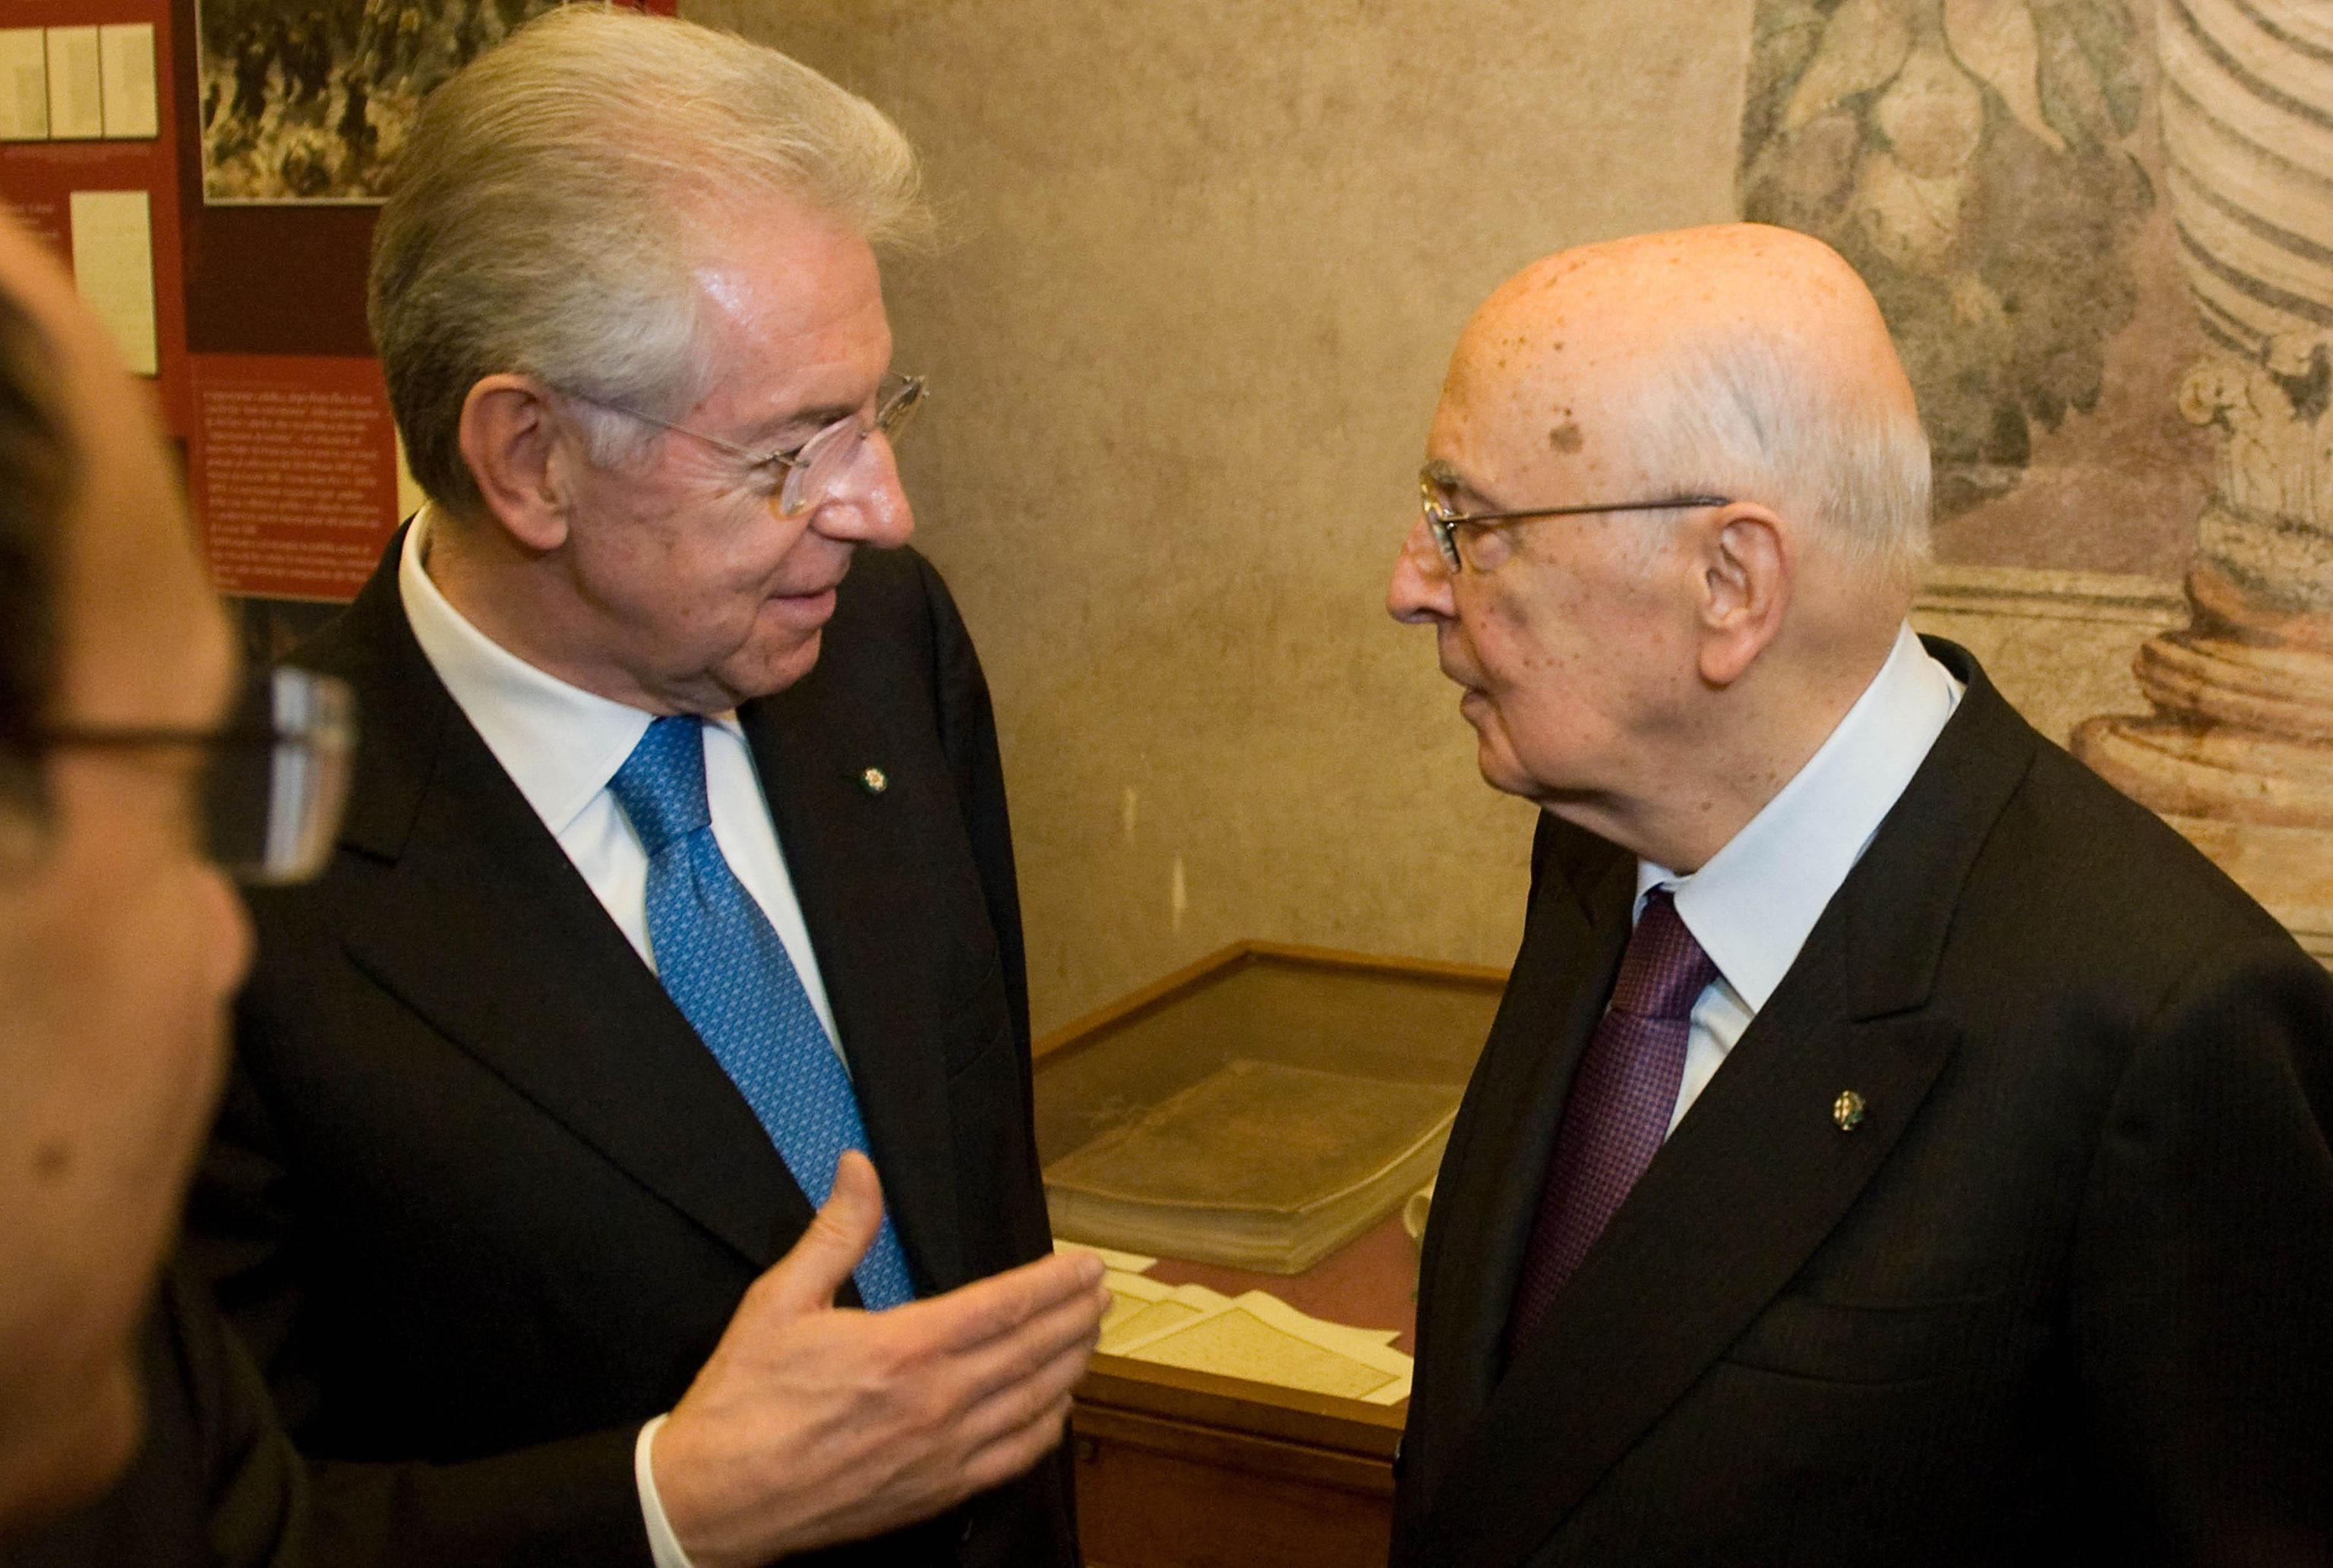 Napolitano con Monti in una foto d'archivio (Ansa)